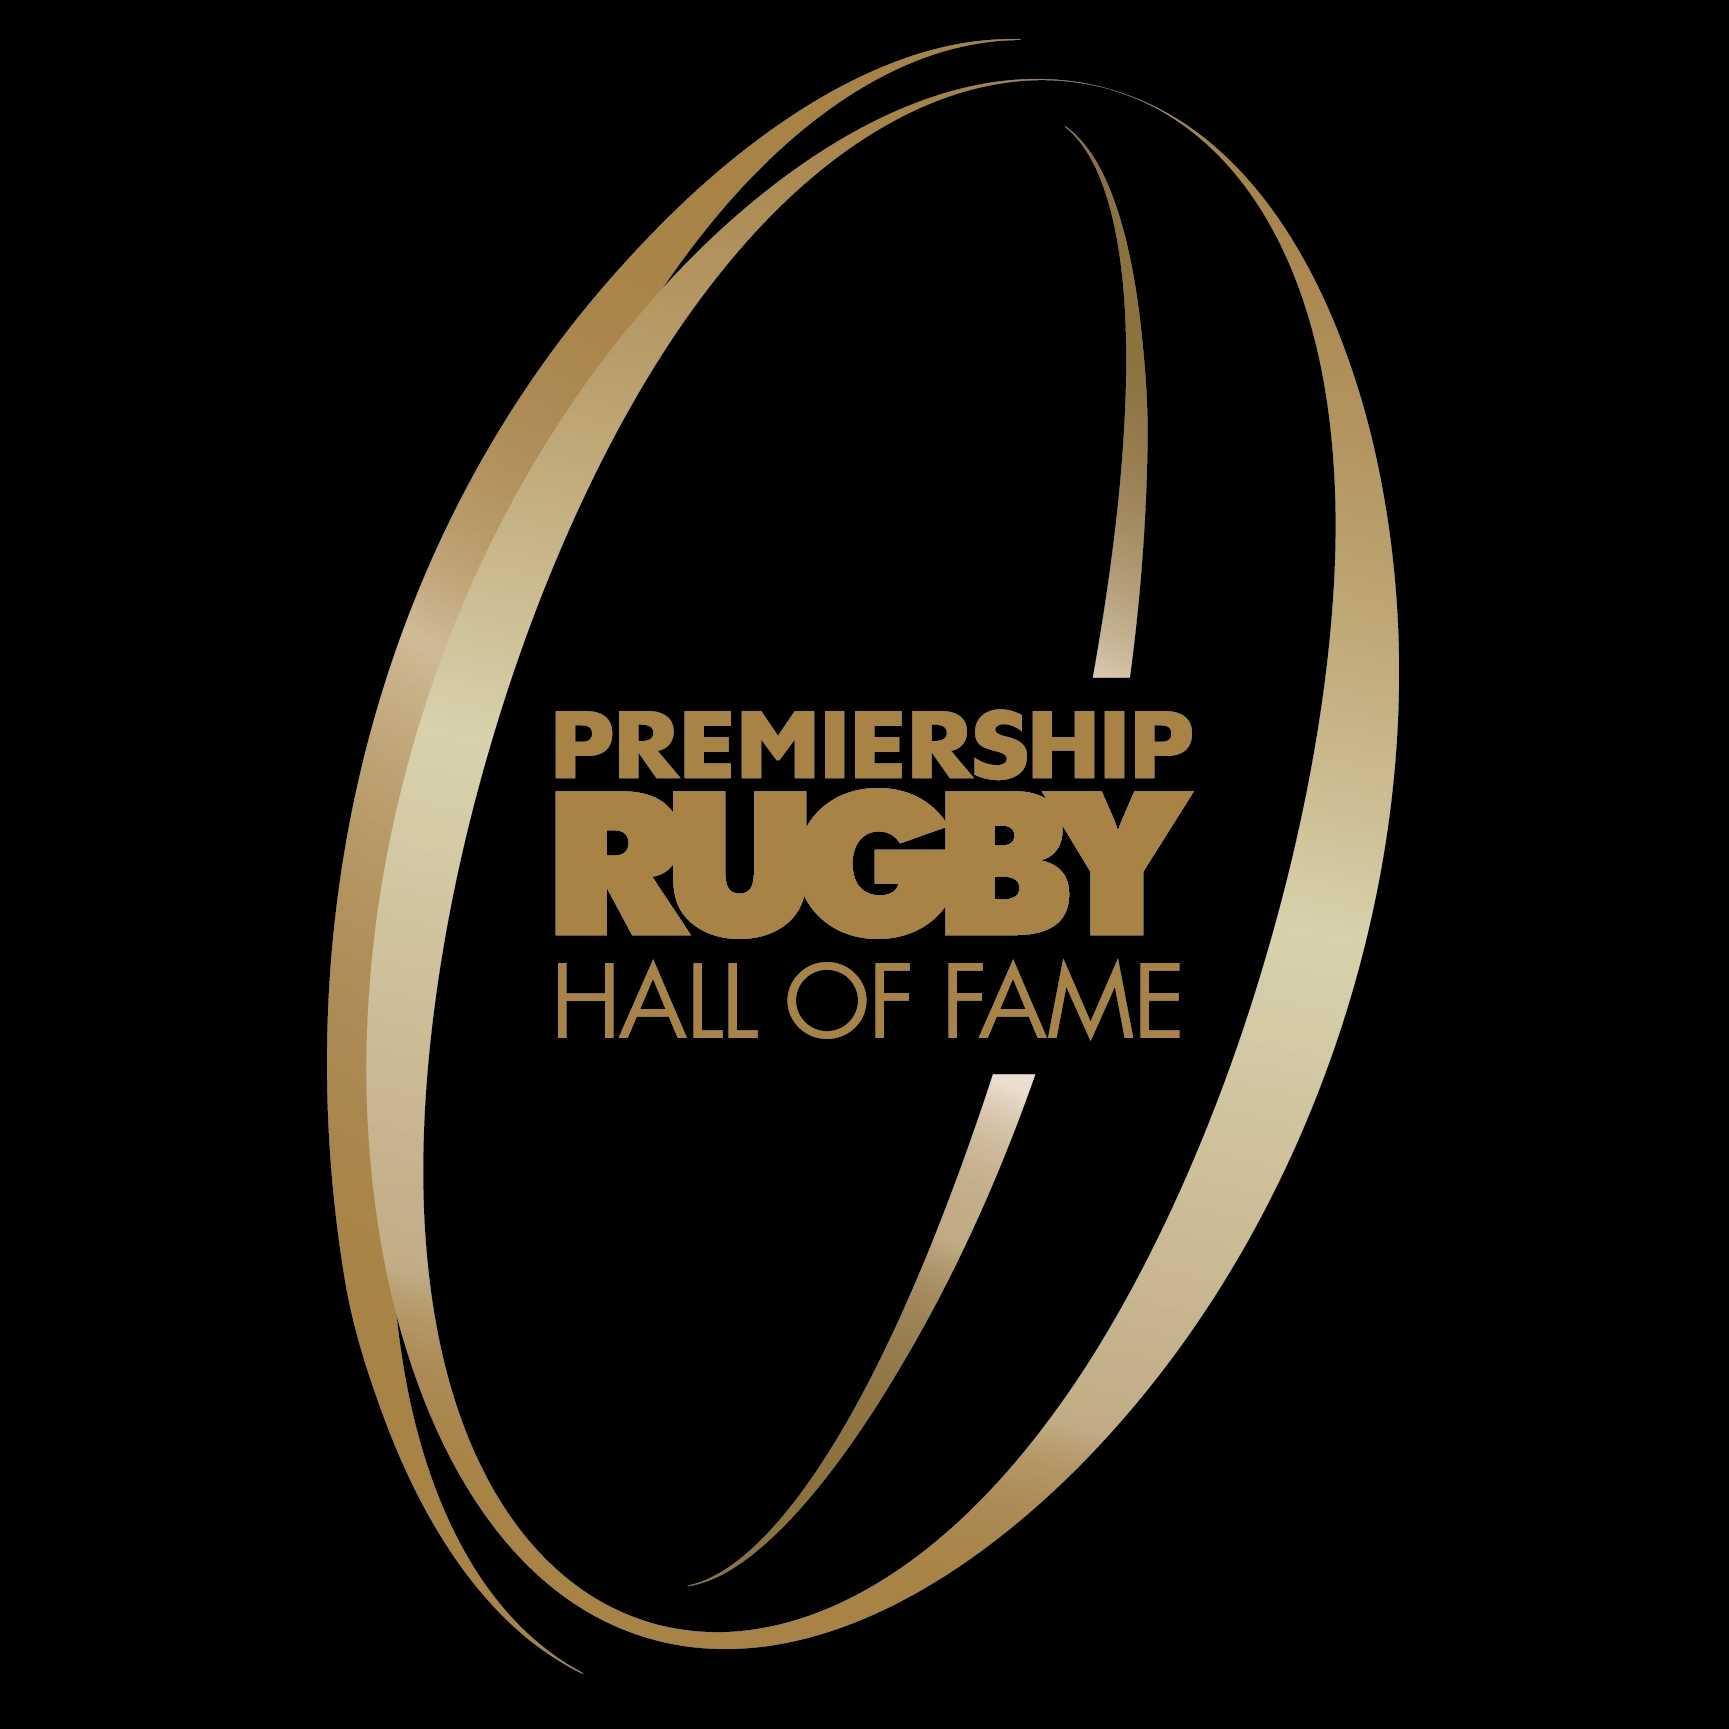 premiership-rugby-hof